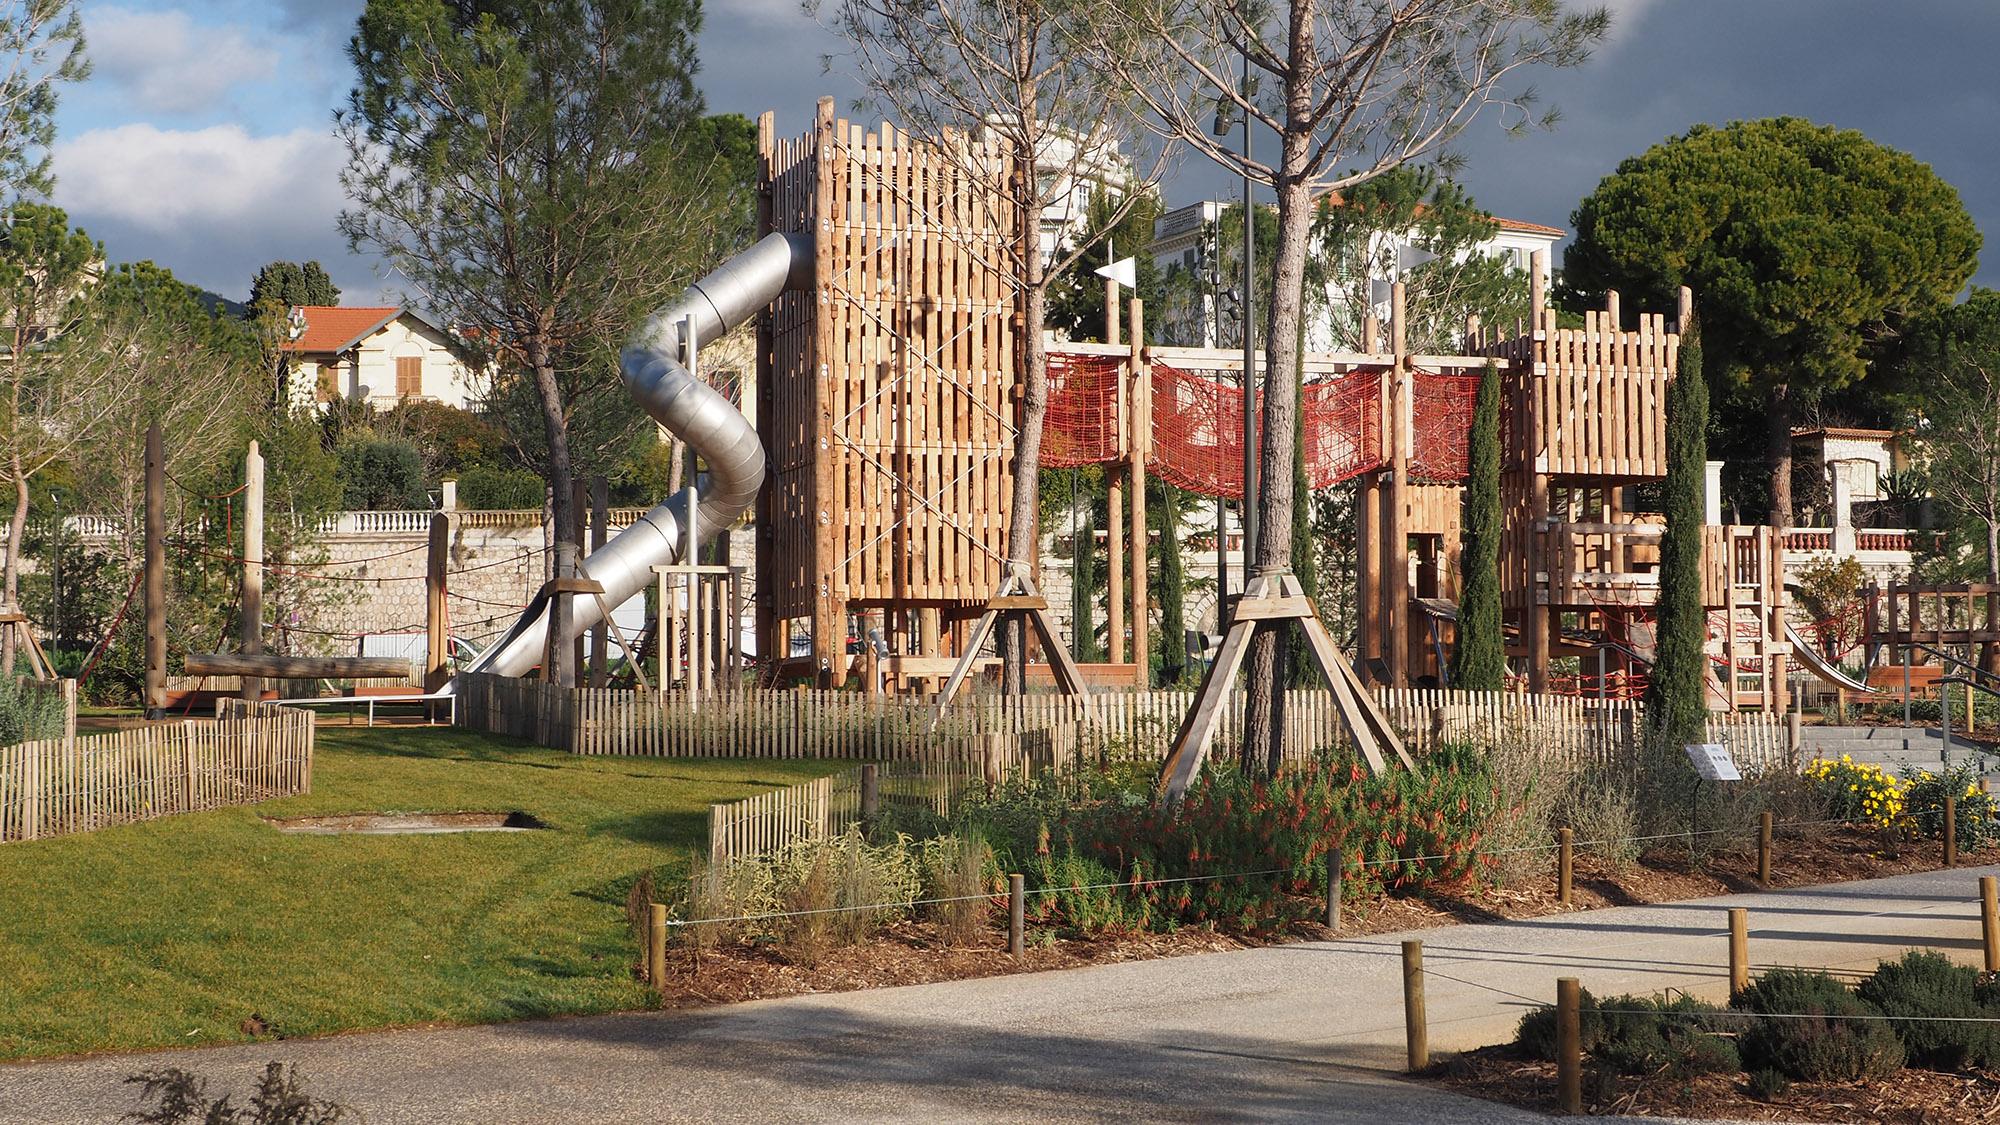 Parc du Ray - Nice - l'aire de jeux magistrale